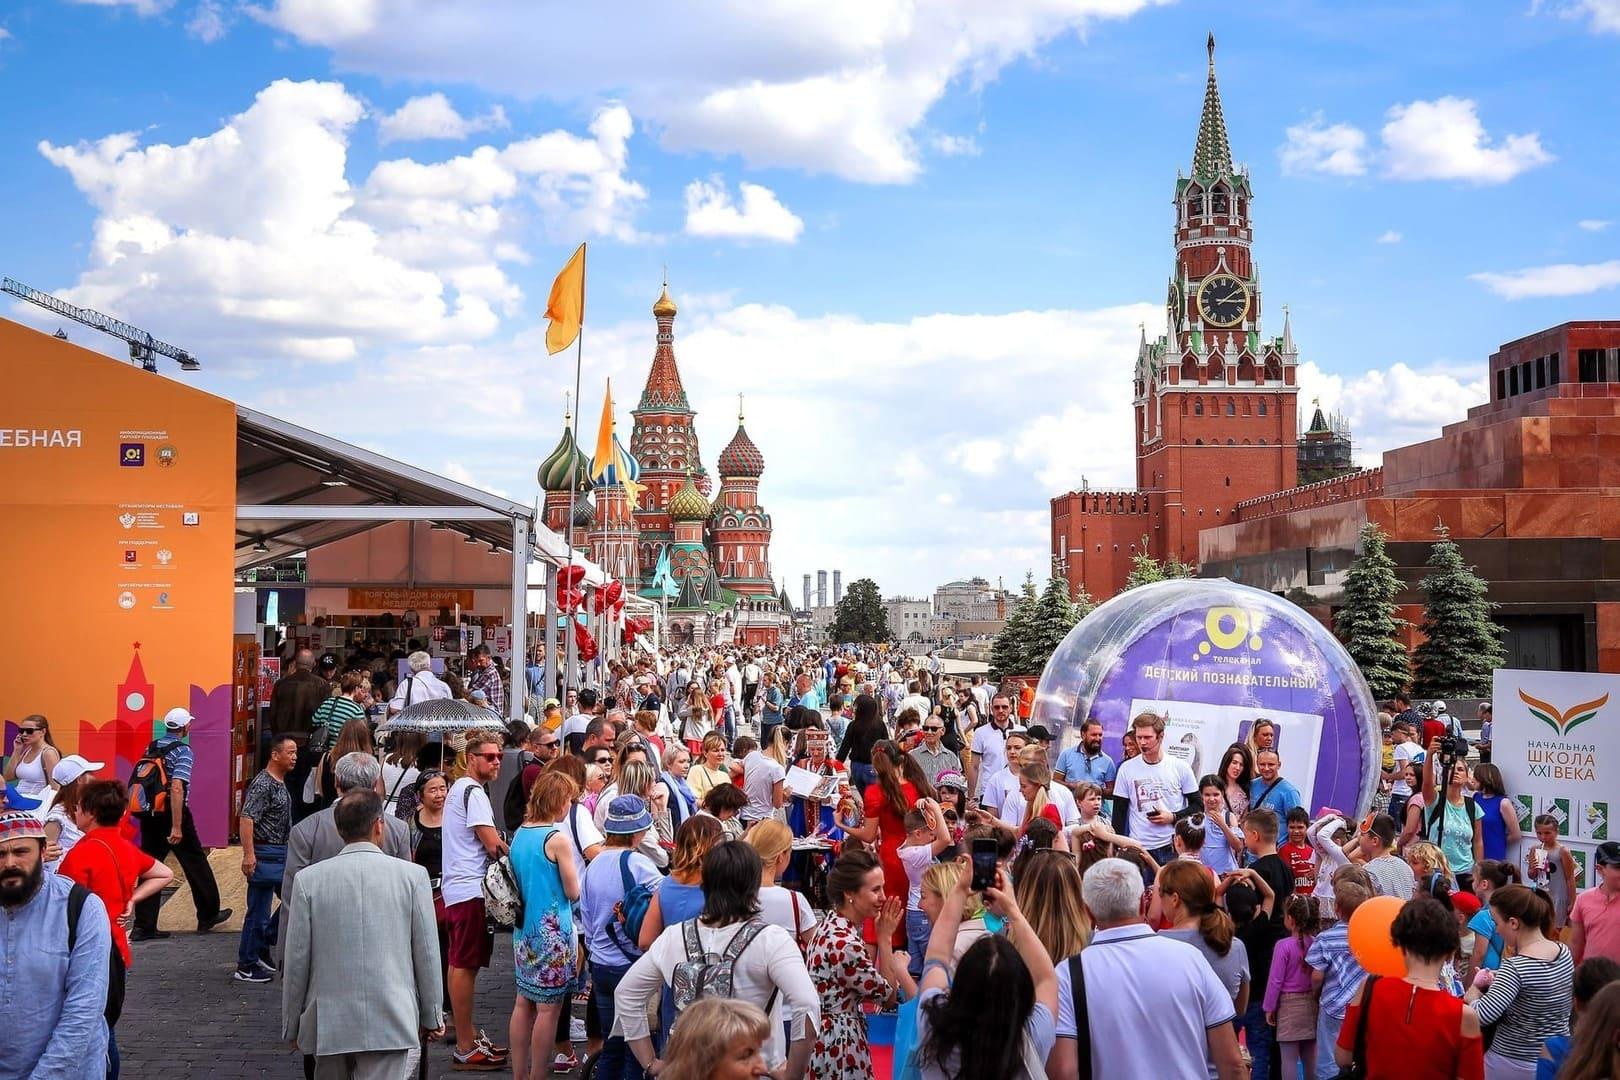 Картинки по запросу Книжный фестиваль «Красная площадь»